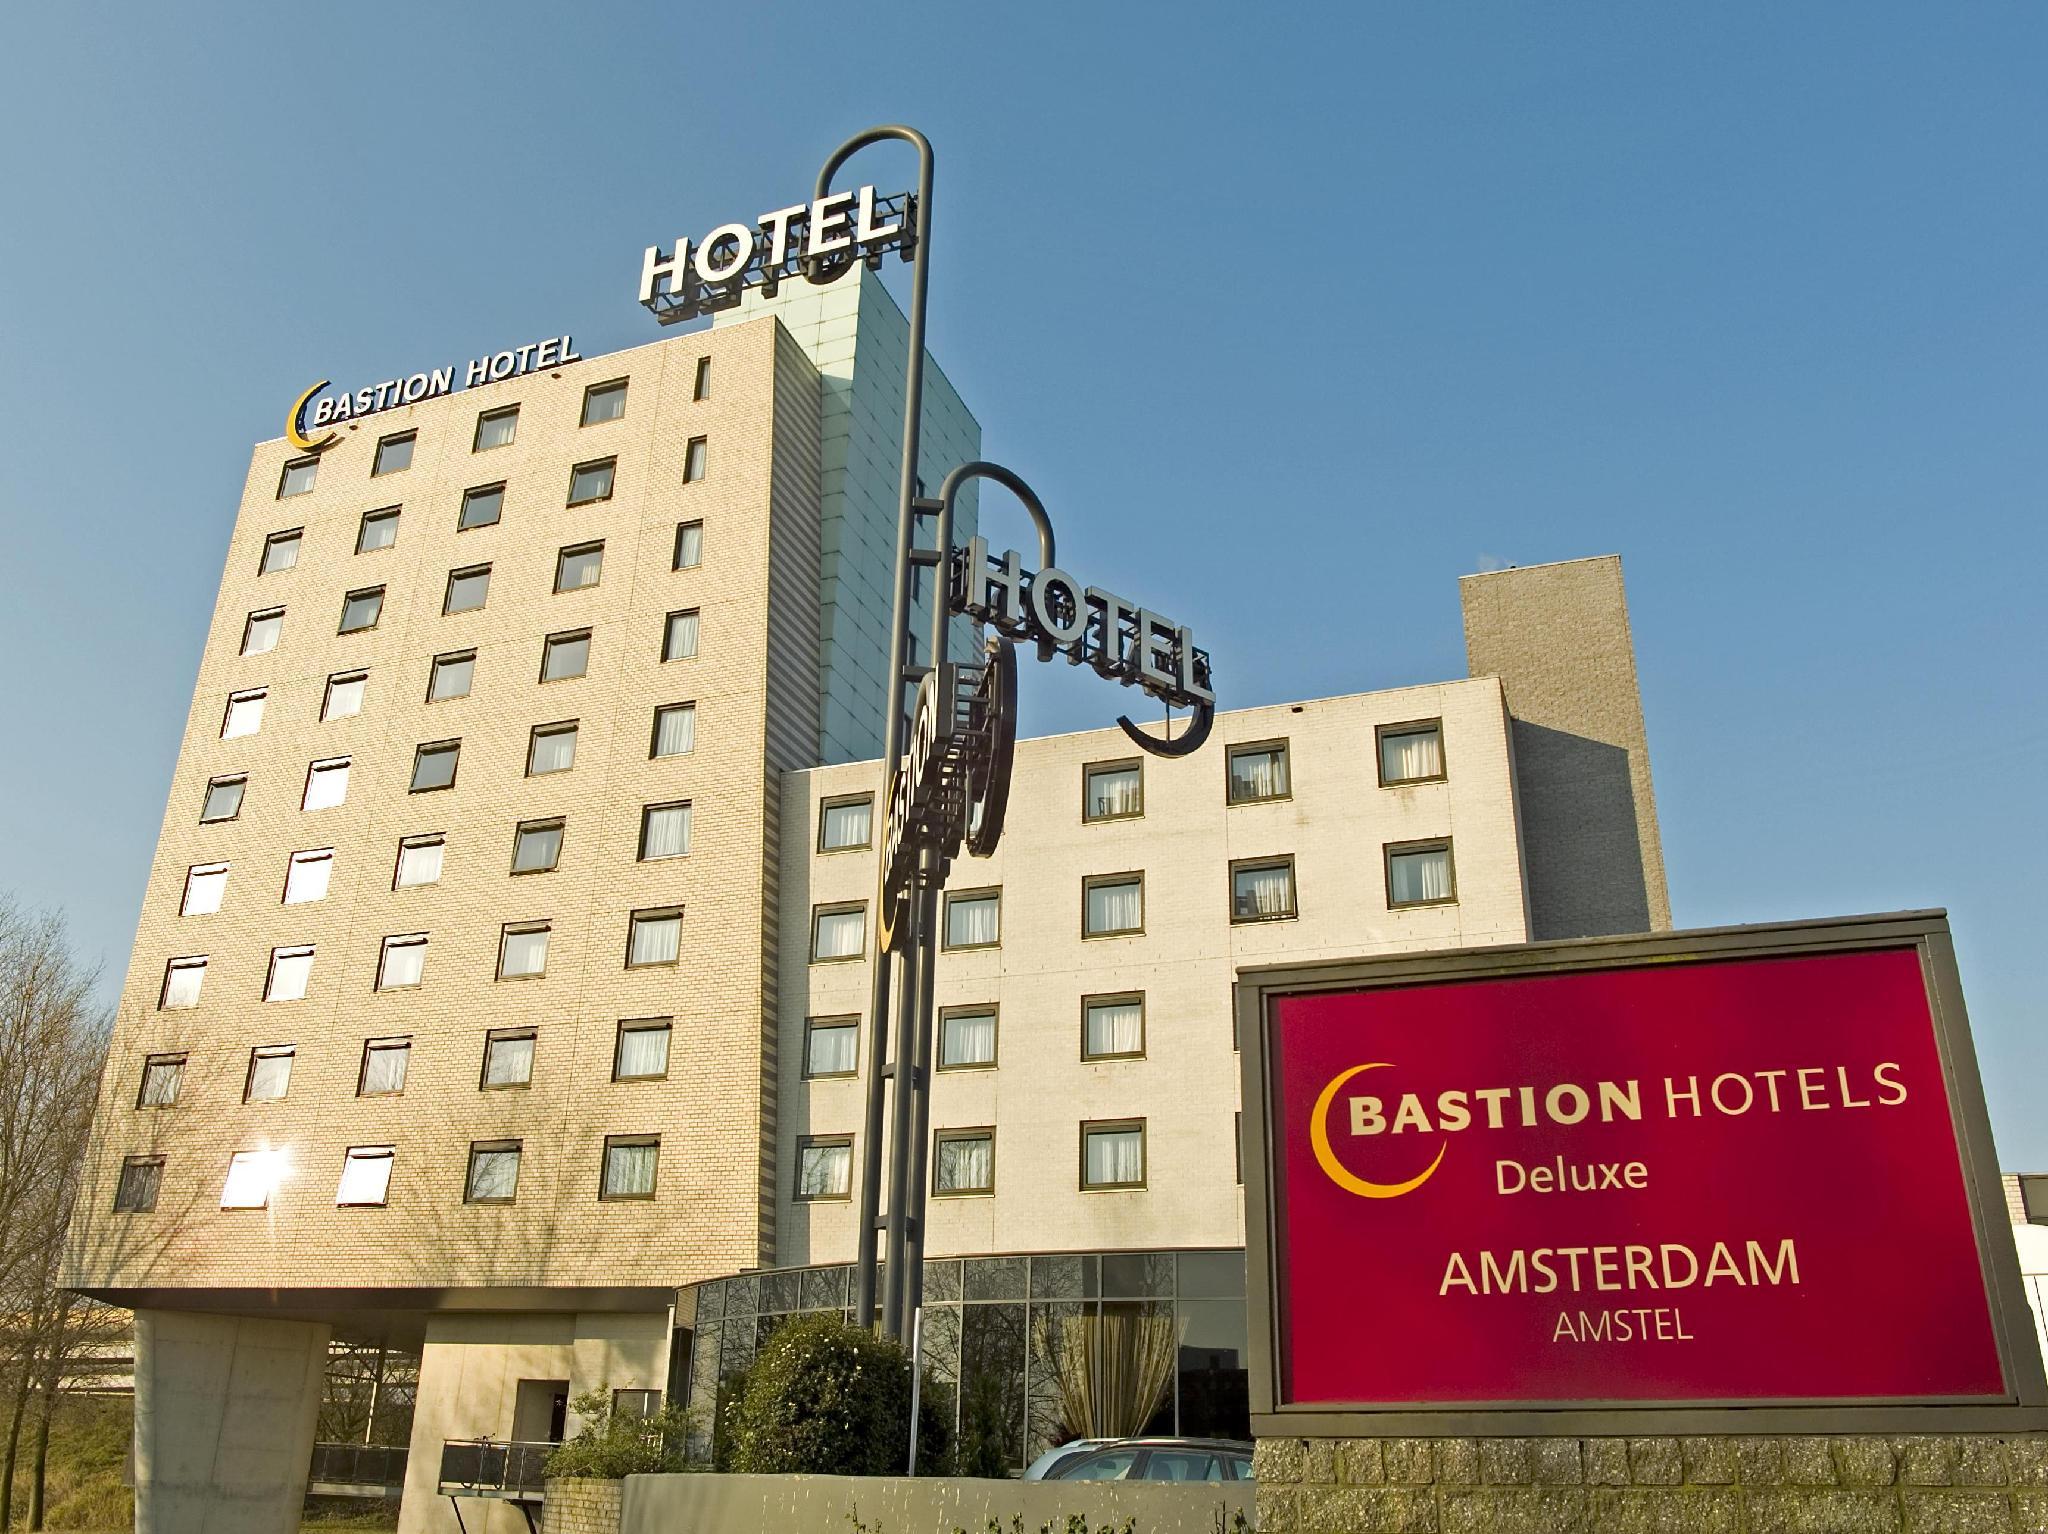 Bastion Hotel Amsterdam/Amstel